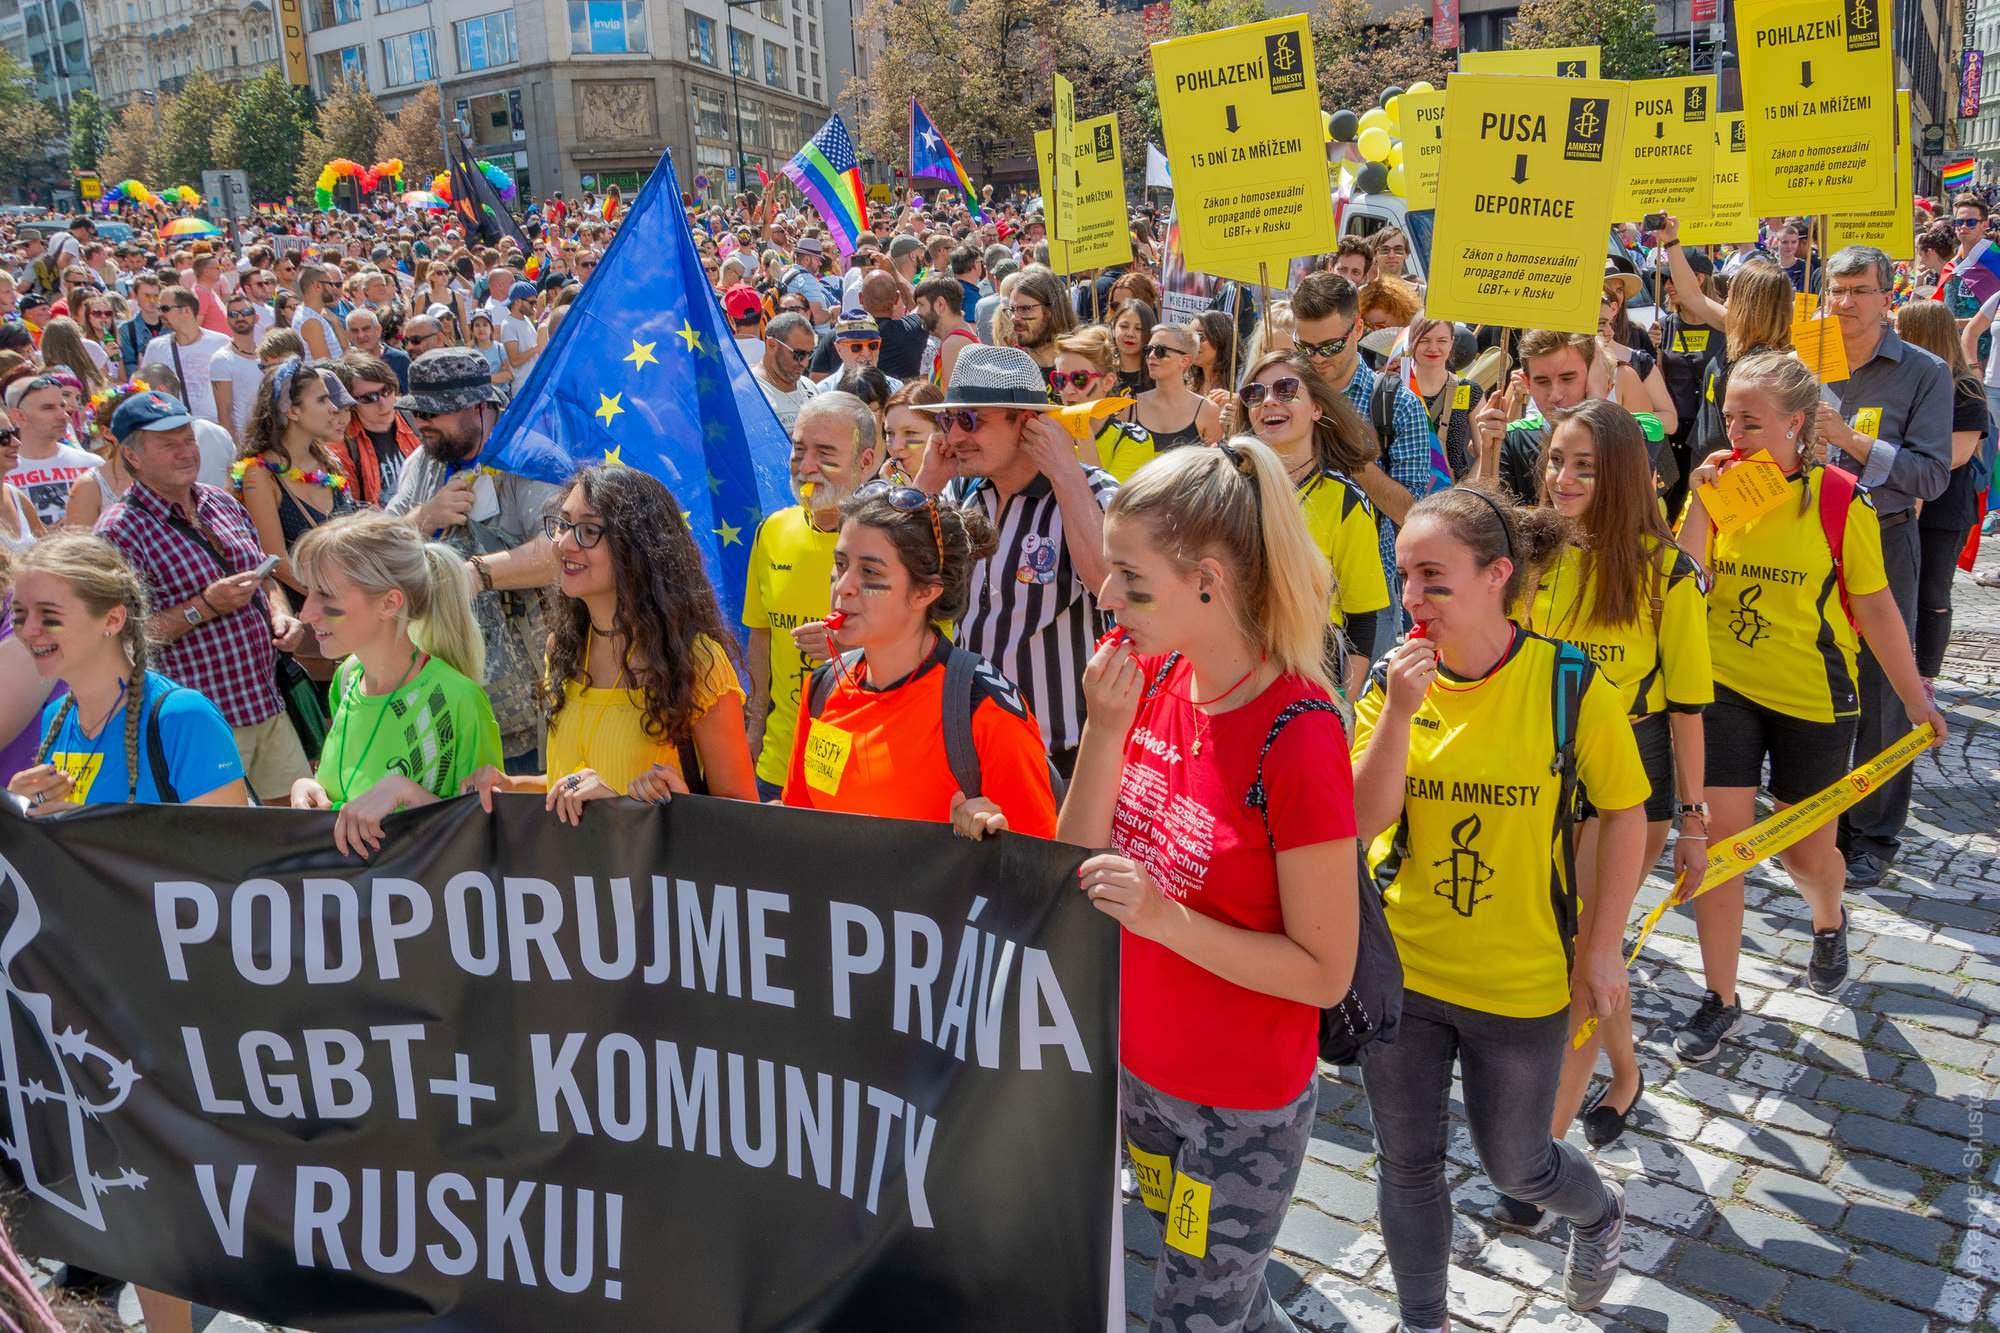 Надпись на жёлотом транспаранте: «Поцелуй → Депортация — закон о гомосексуальной пропаганде ограничивает права ЛГБТ сообщества в России».